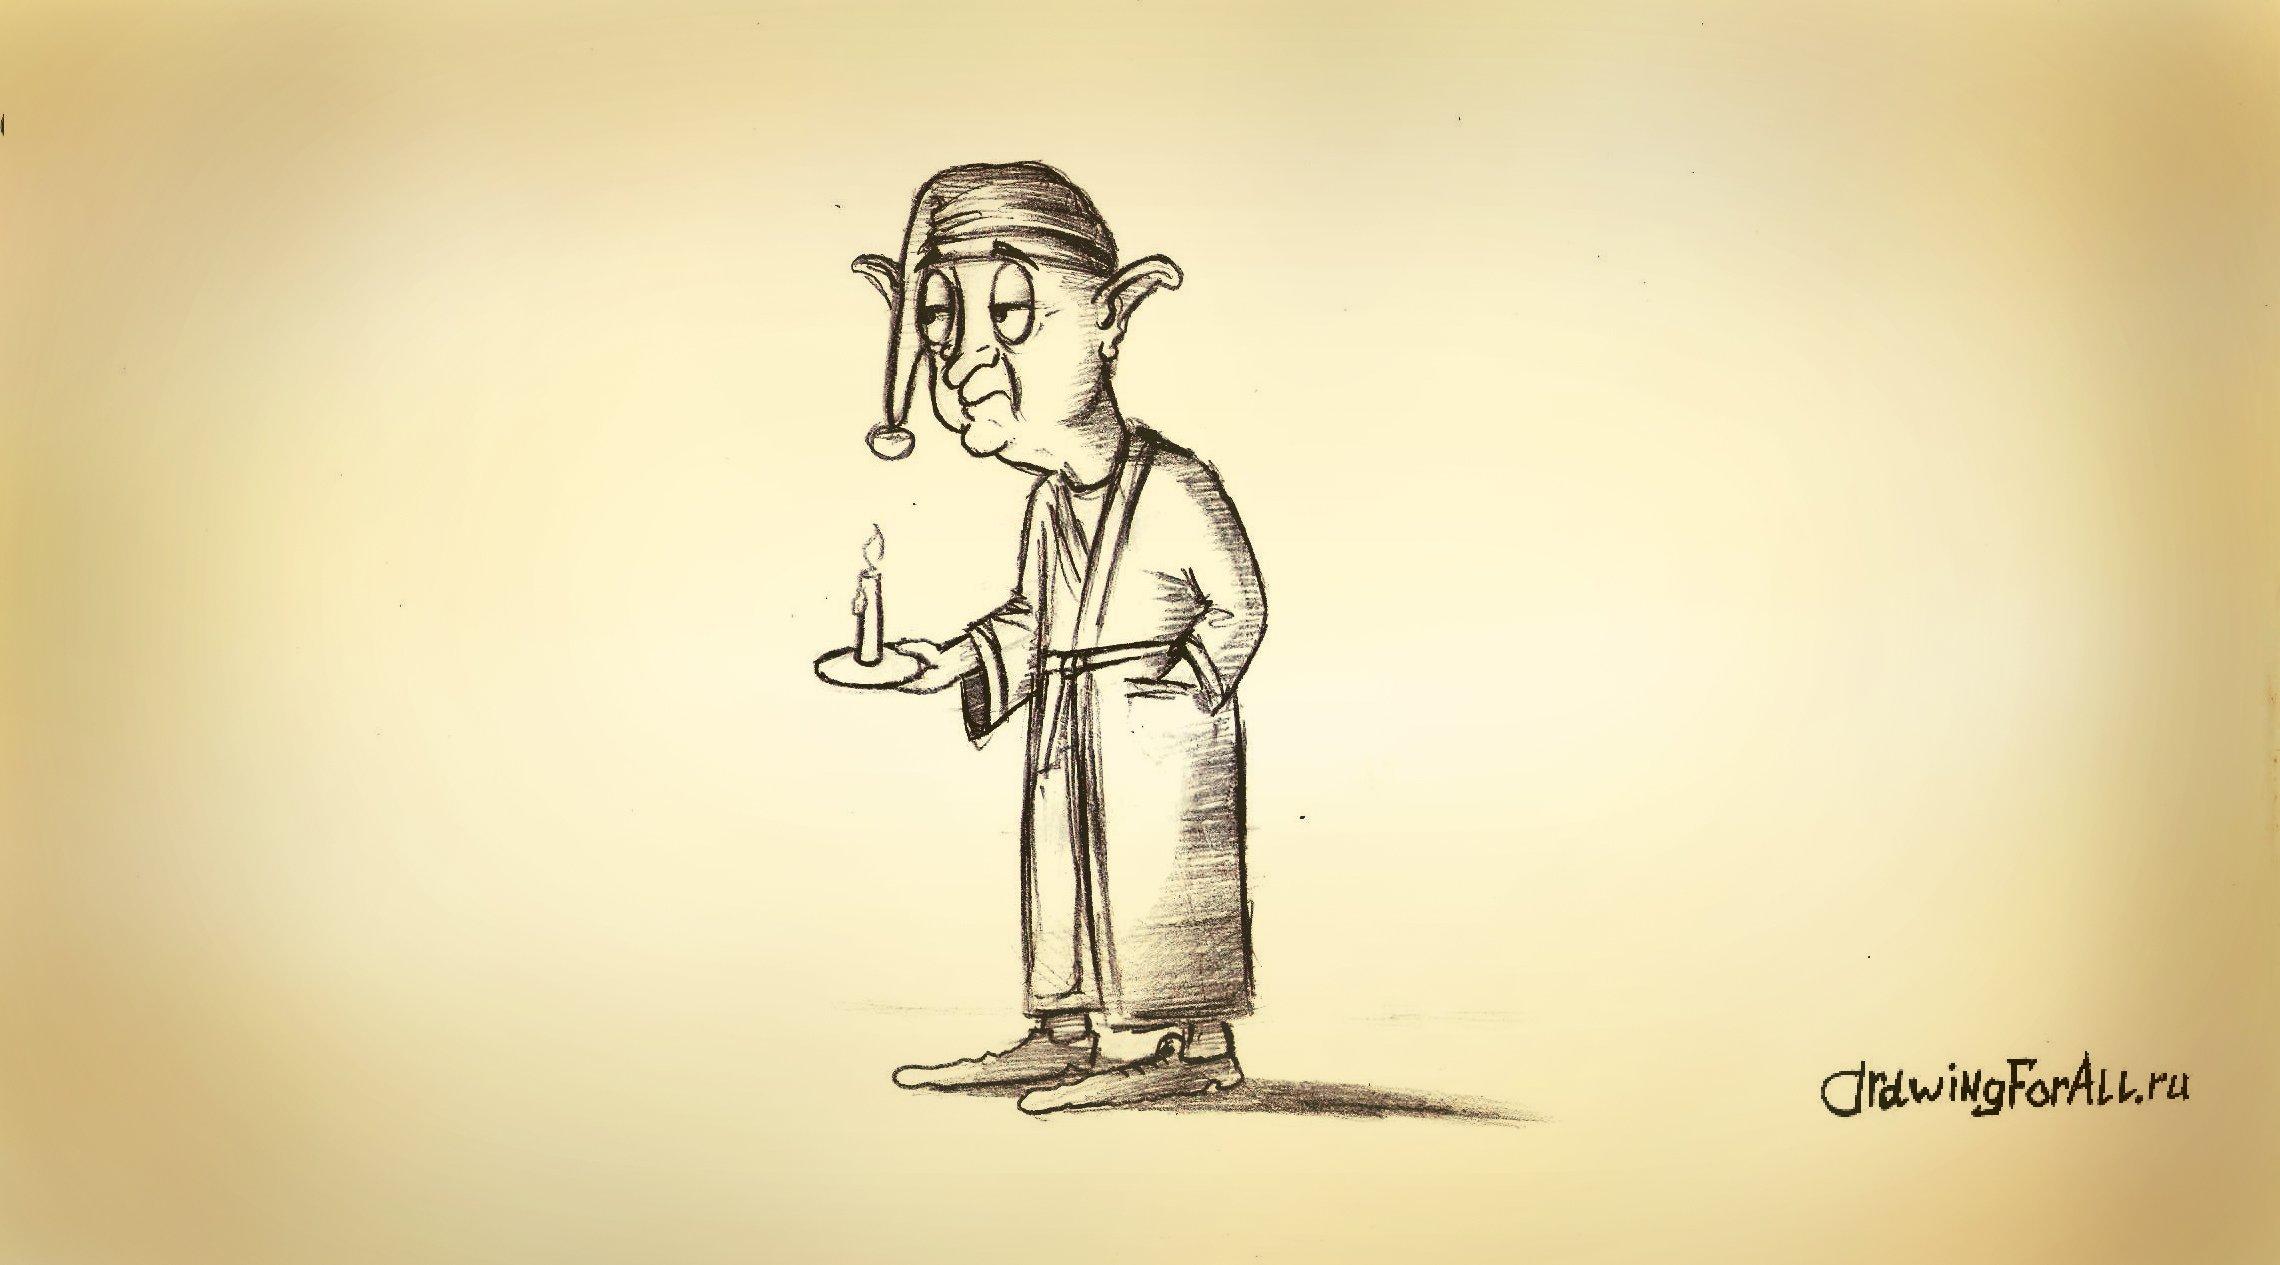 Сказочный персонаж